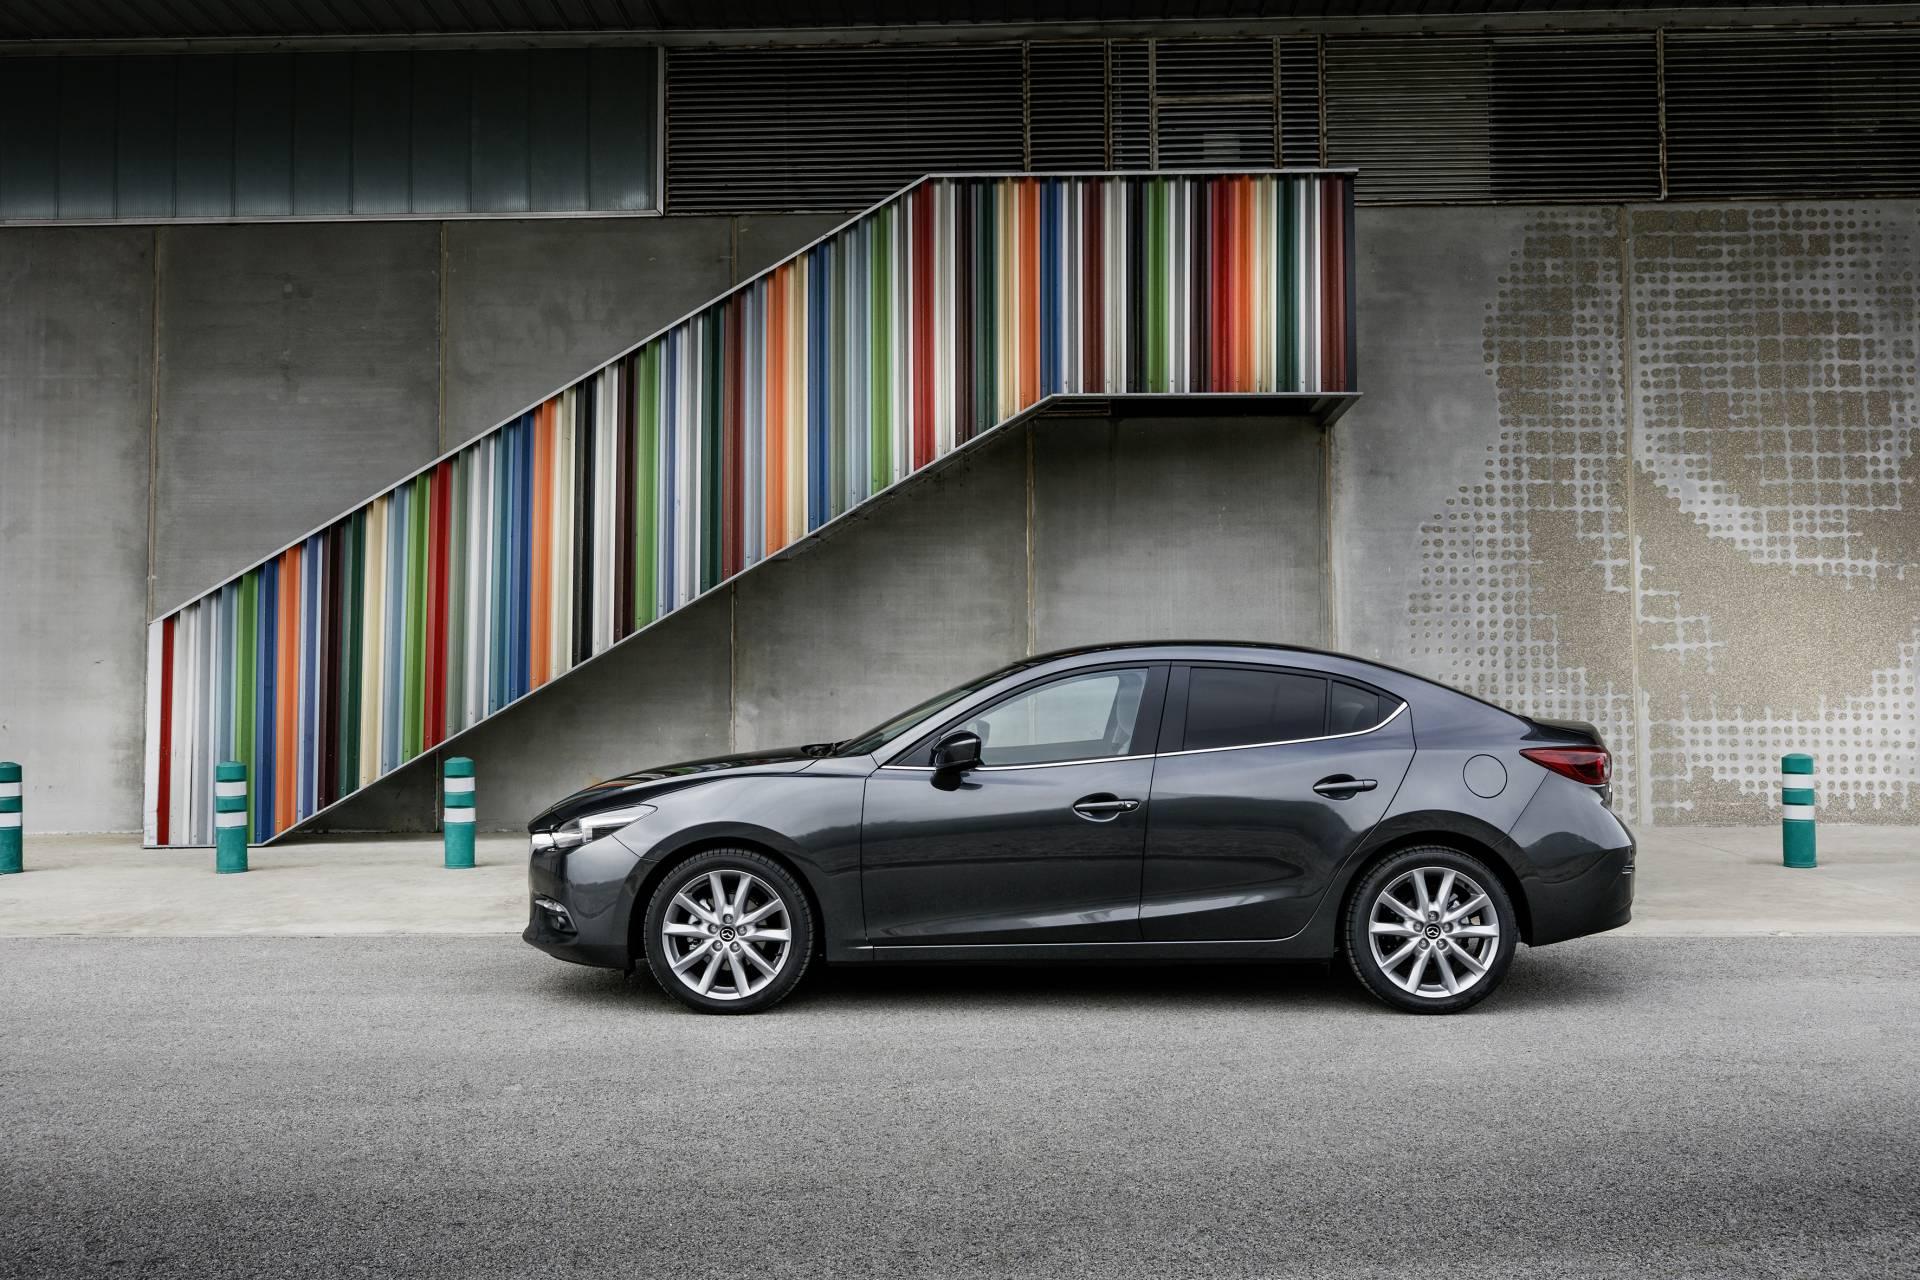 El nuevo Mazda versión cuatro puertas